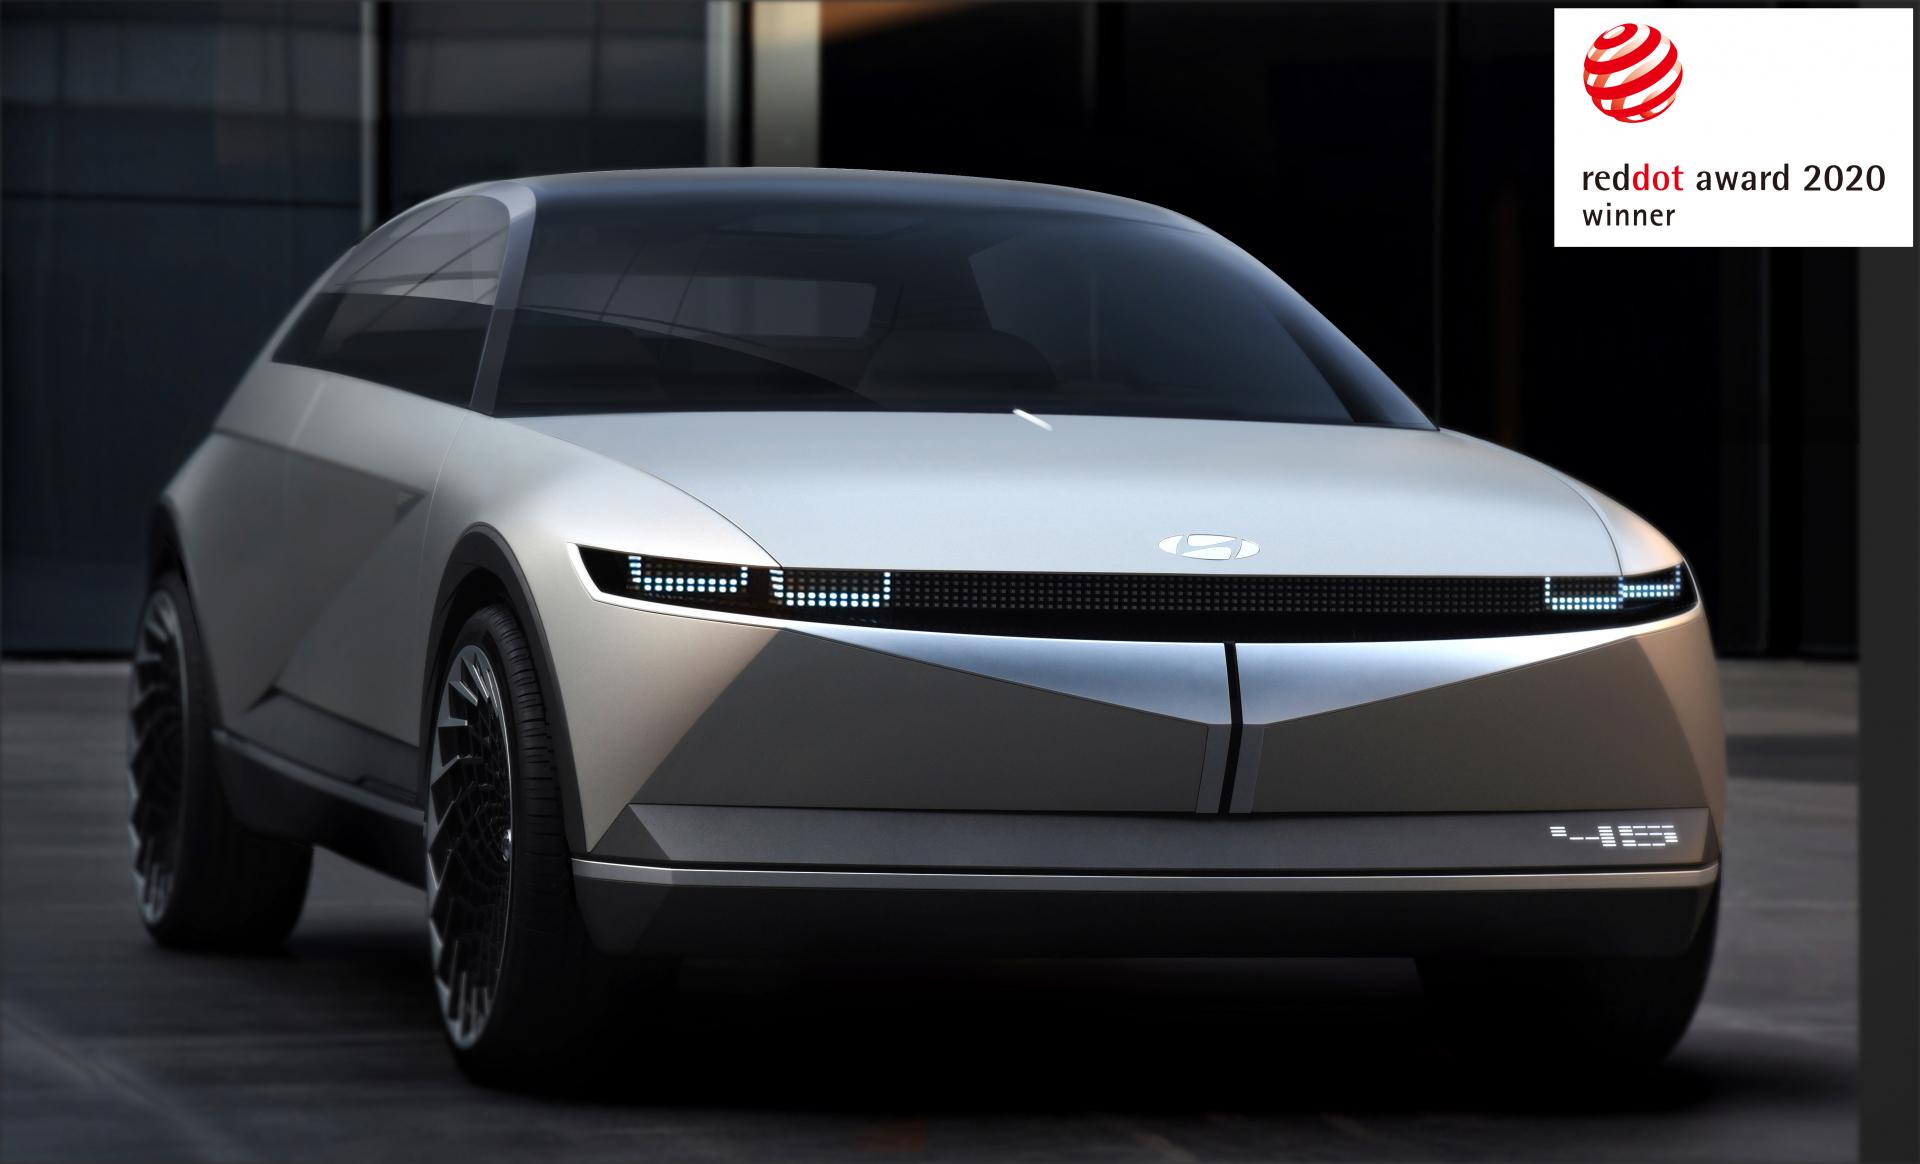 Компанія Hyundai Motor отримала три нагороди Red Dot Award 2020 за концептуальний дизайн   Автопалац Тернопіль - фото 9